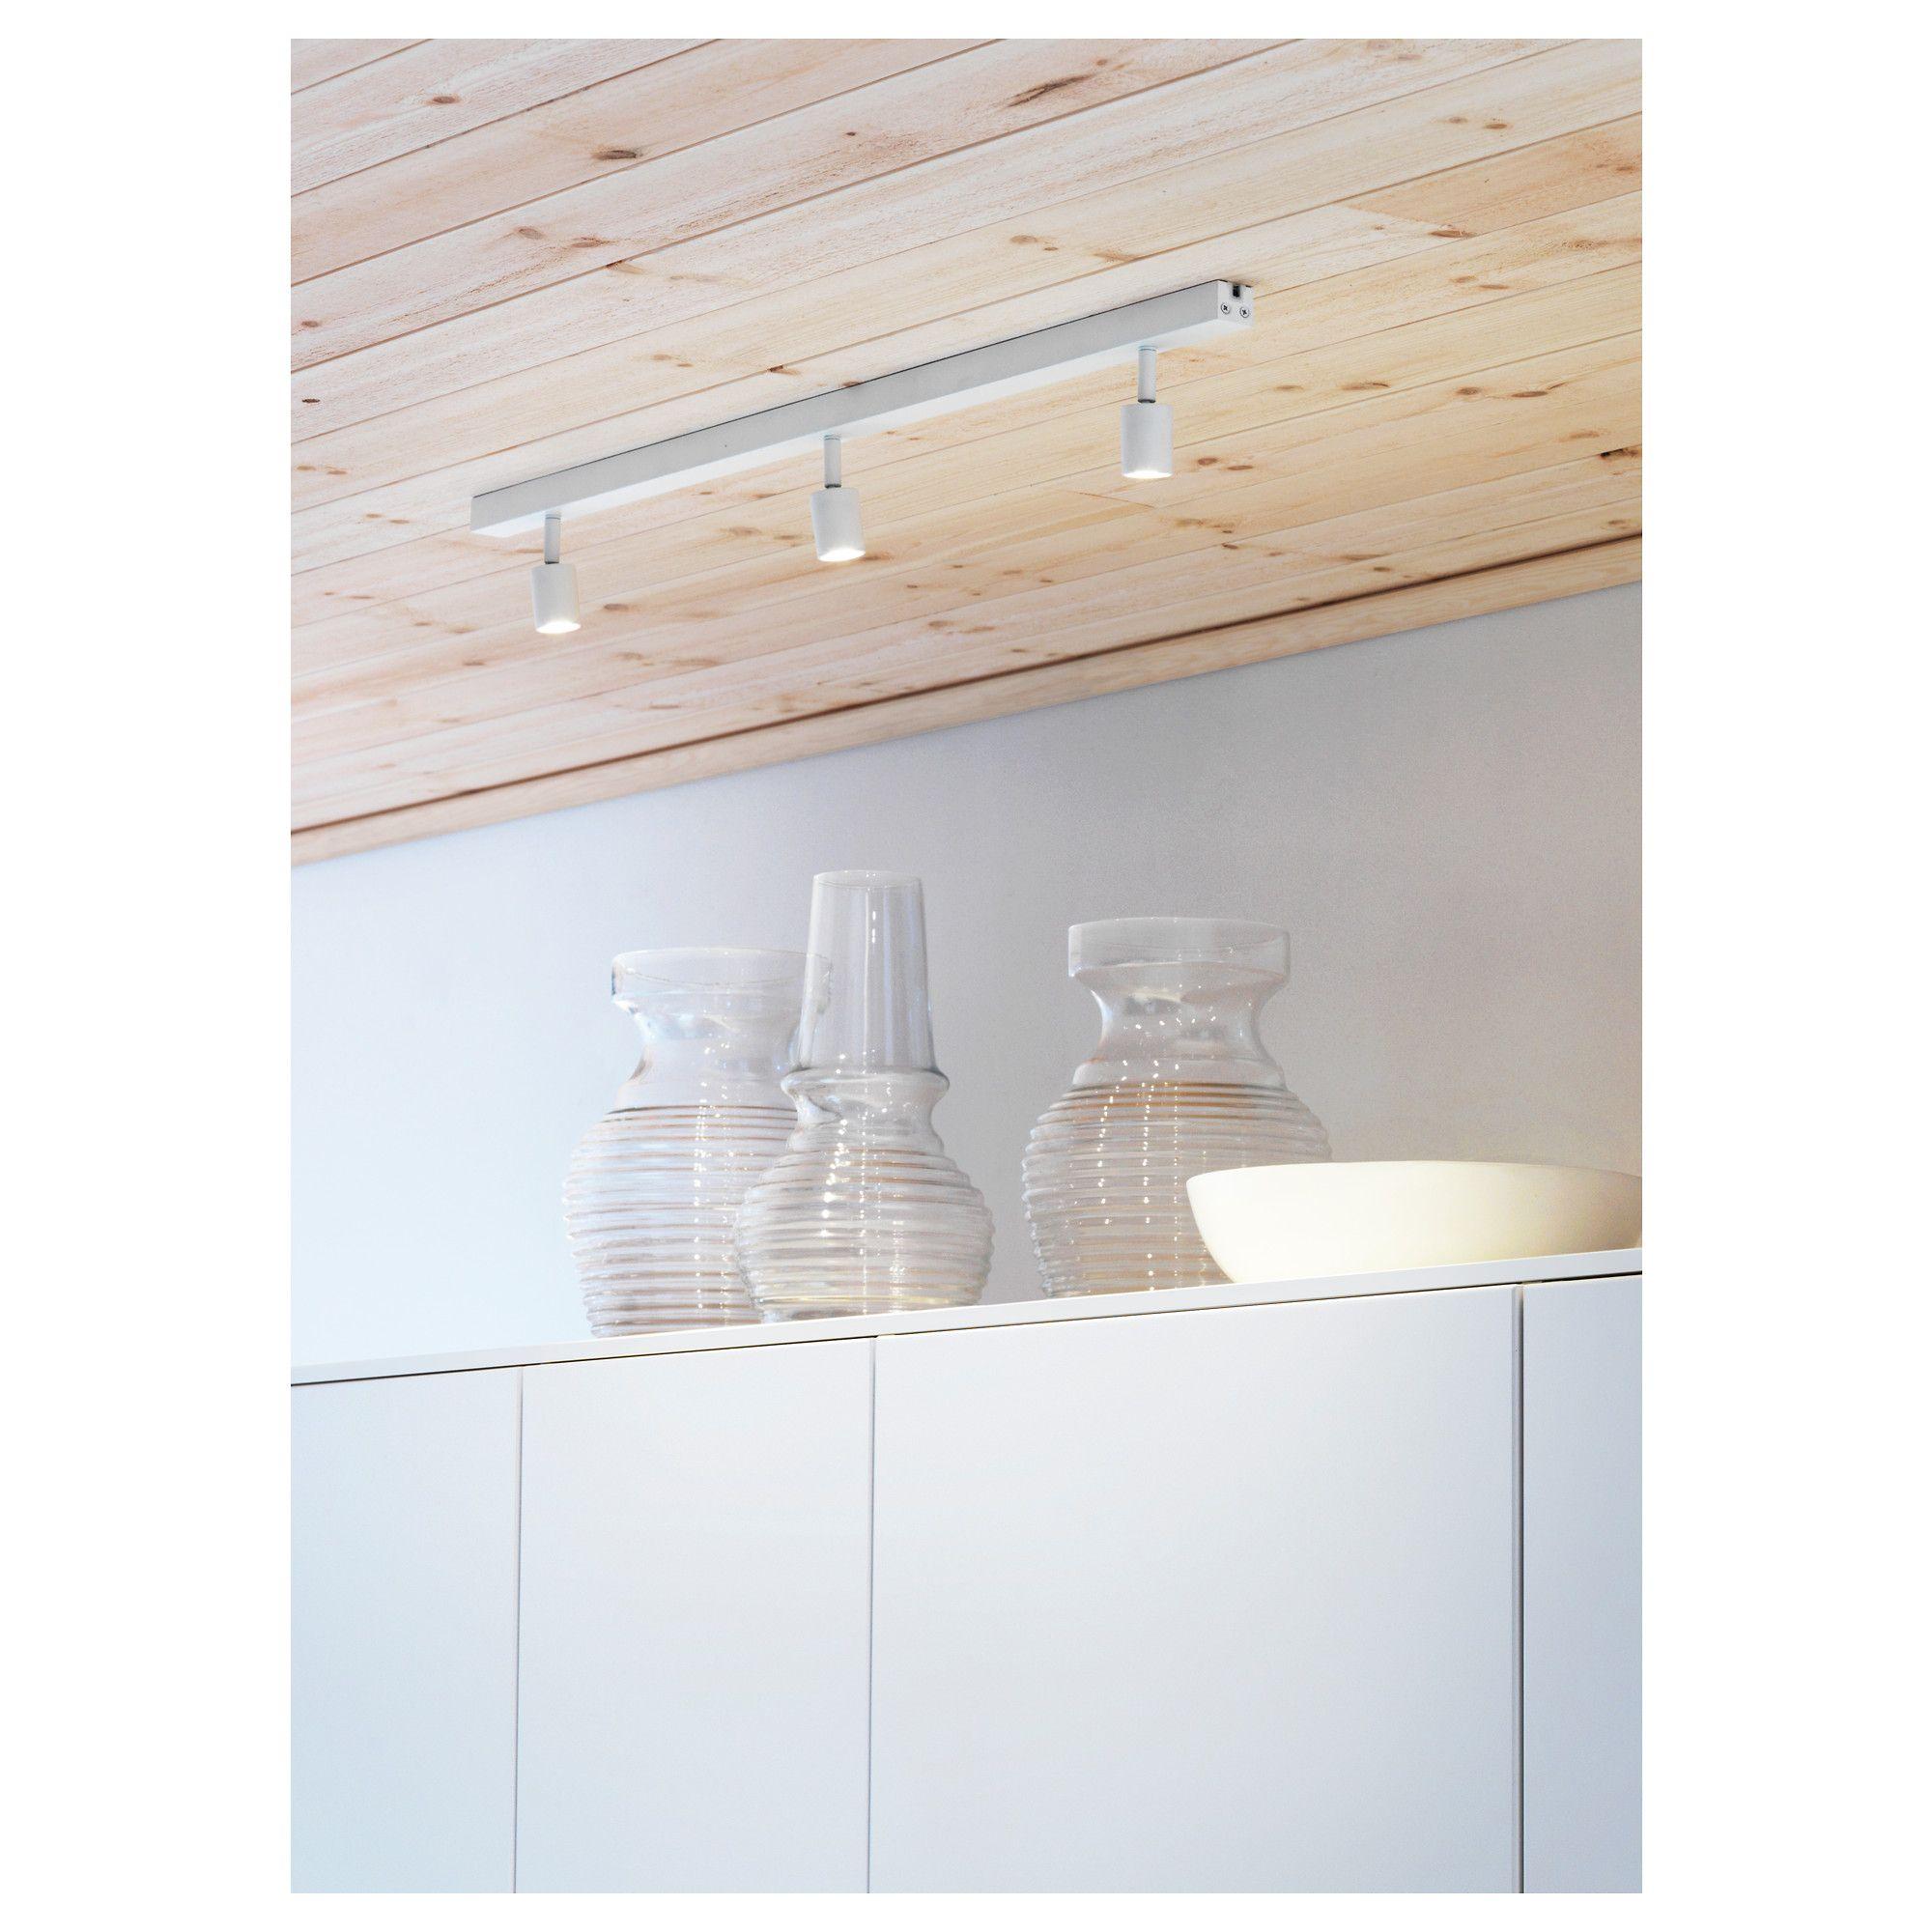 Binario Pensili Cucina Ikea mobili e accessori per l'arredamento della casa